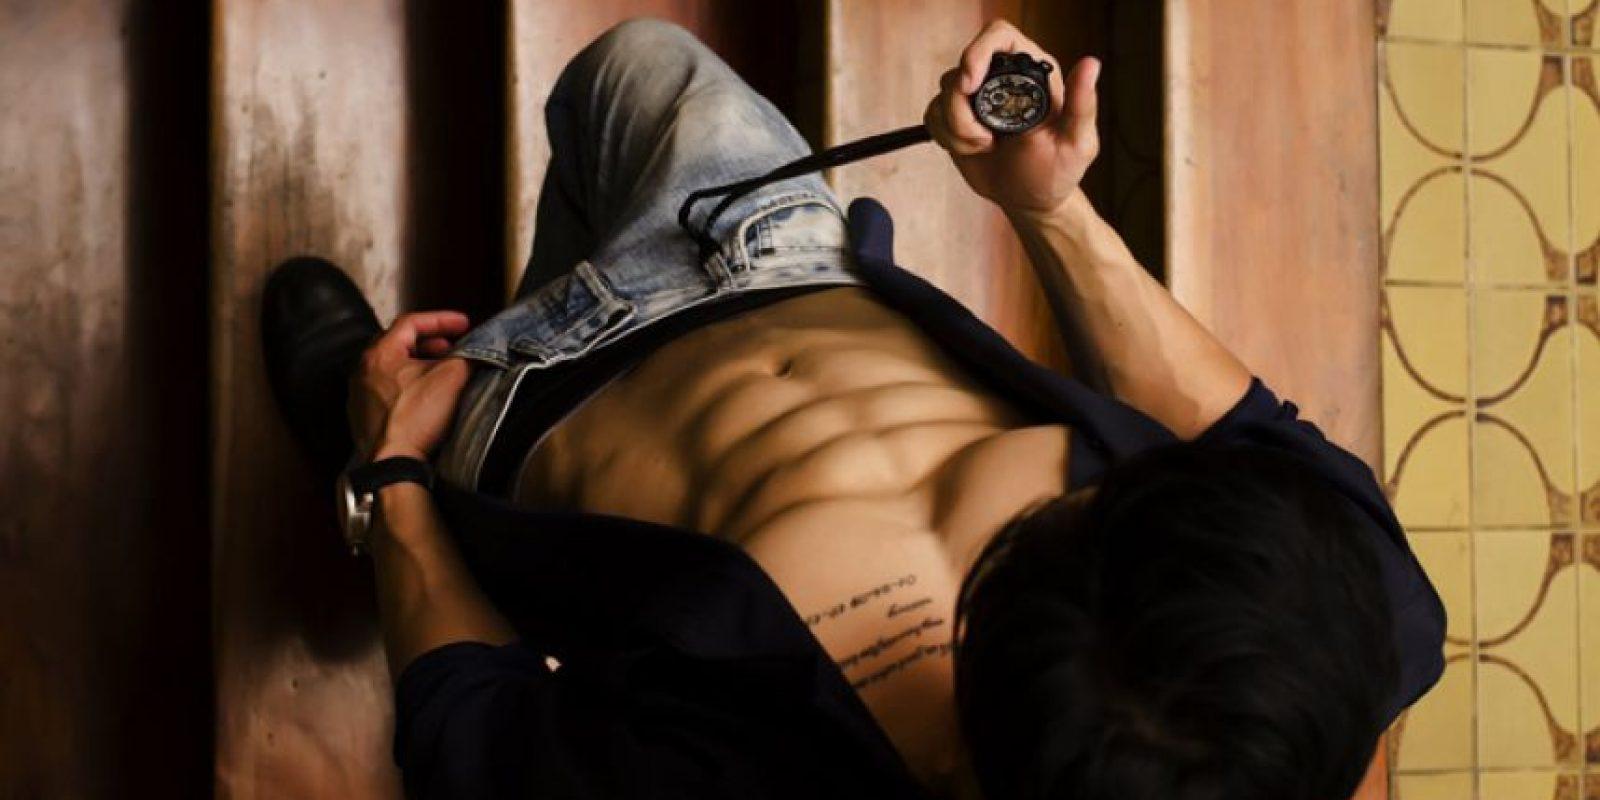 El boxeo también puede ayudar a tener abdominales perfectos. Foto:Pixabay